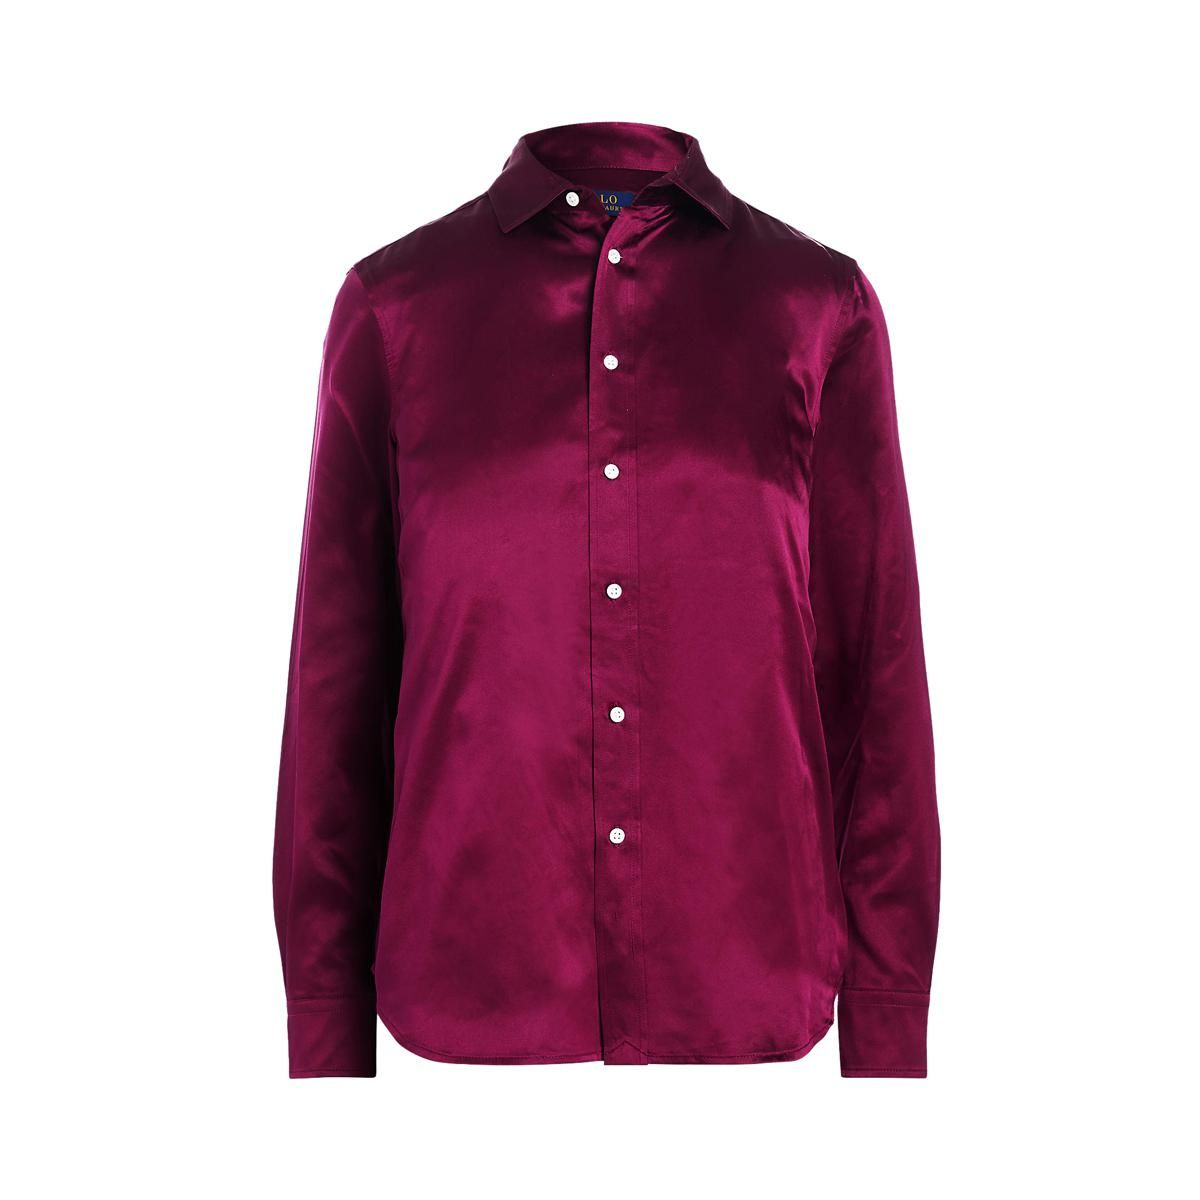 polo ralph lauren silk charmeuse button down shirt